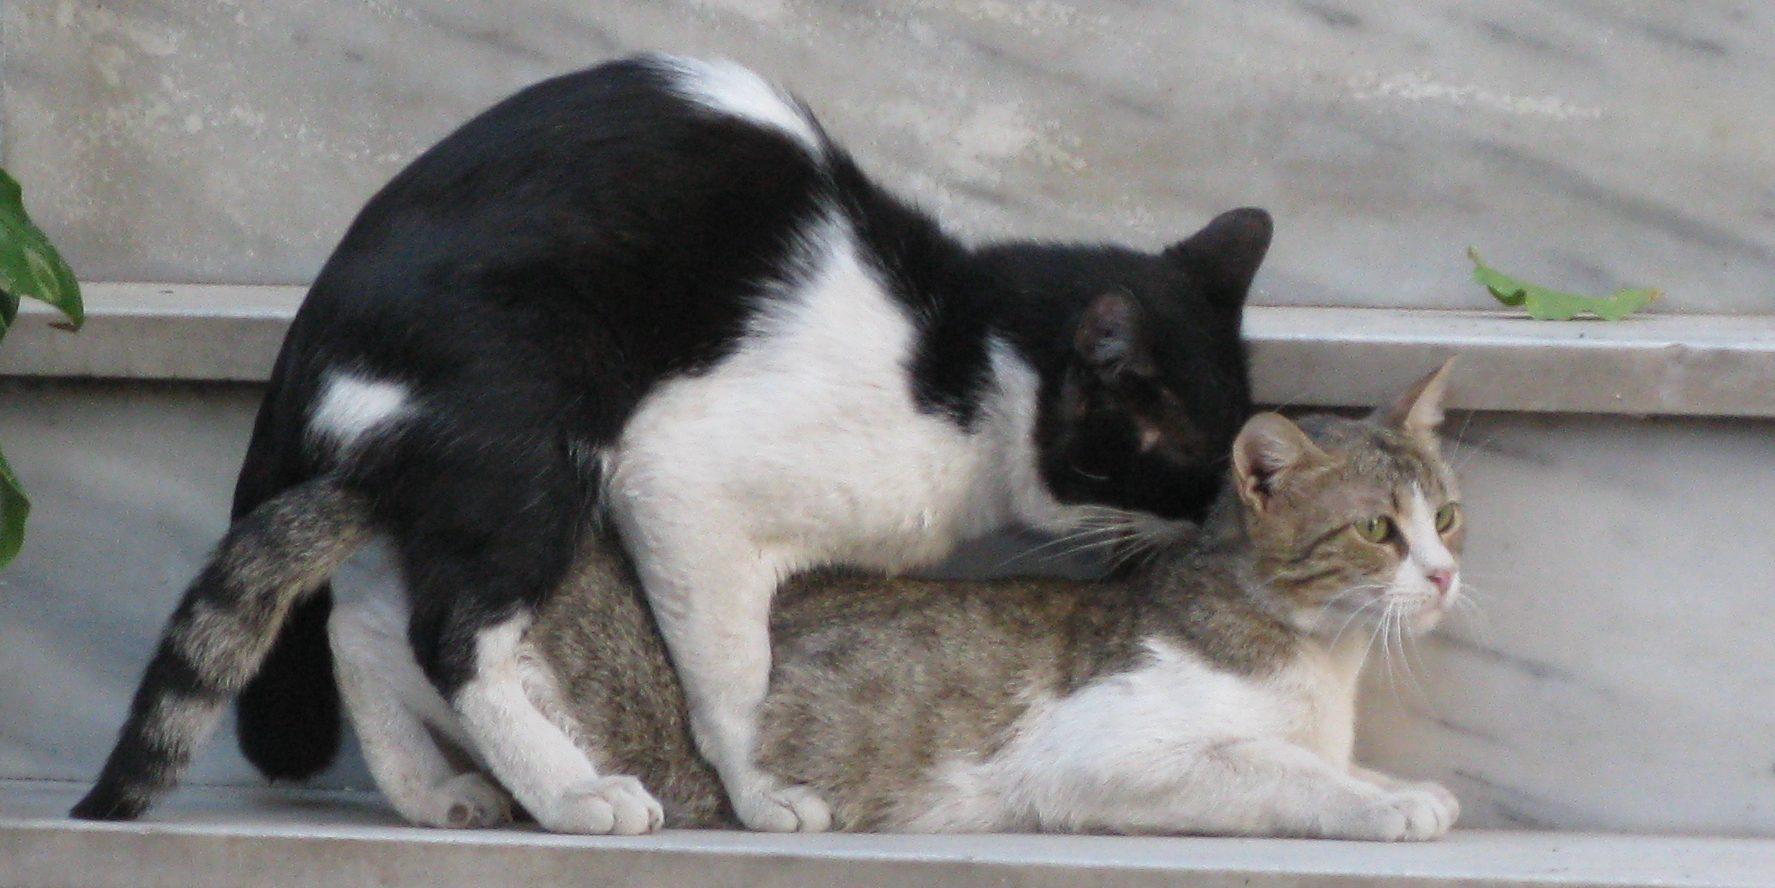 Krolse katten